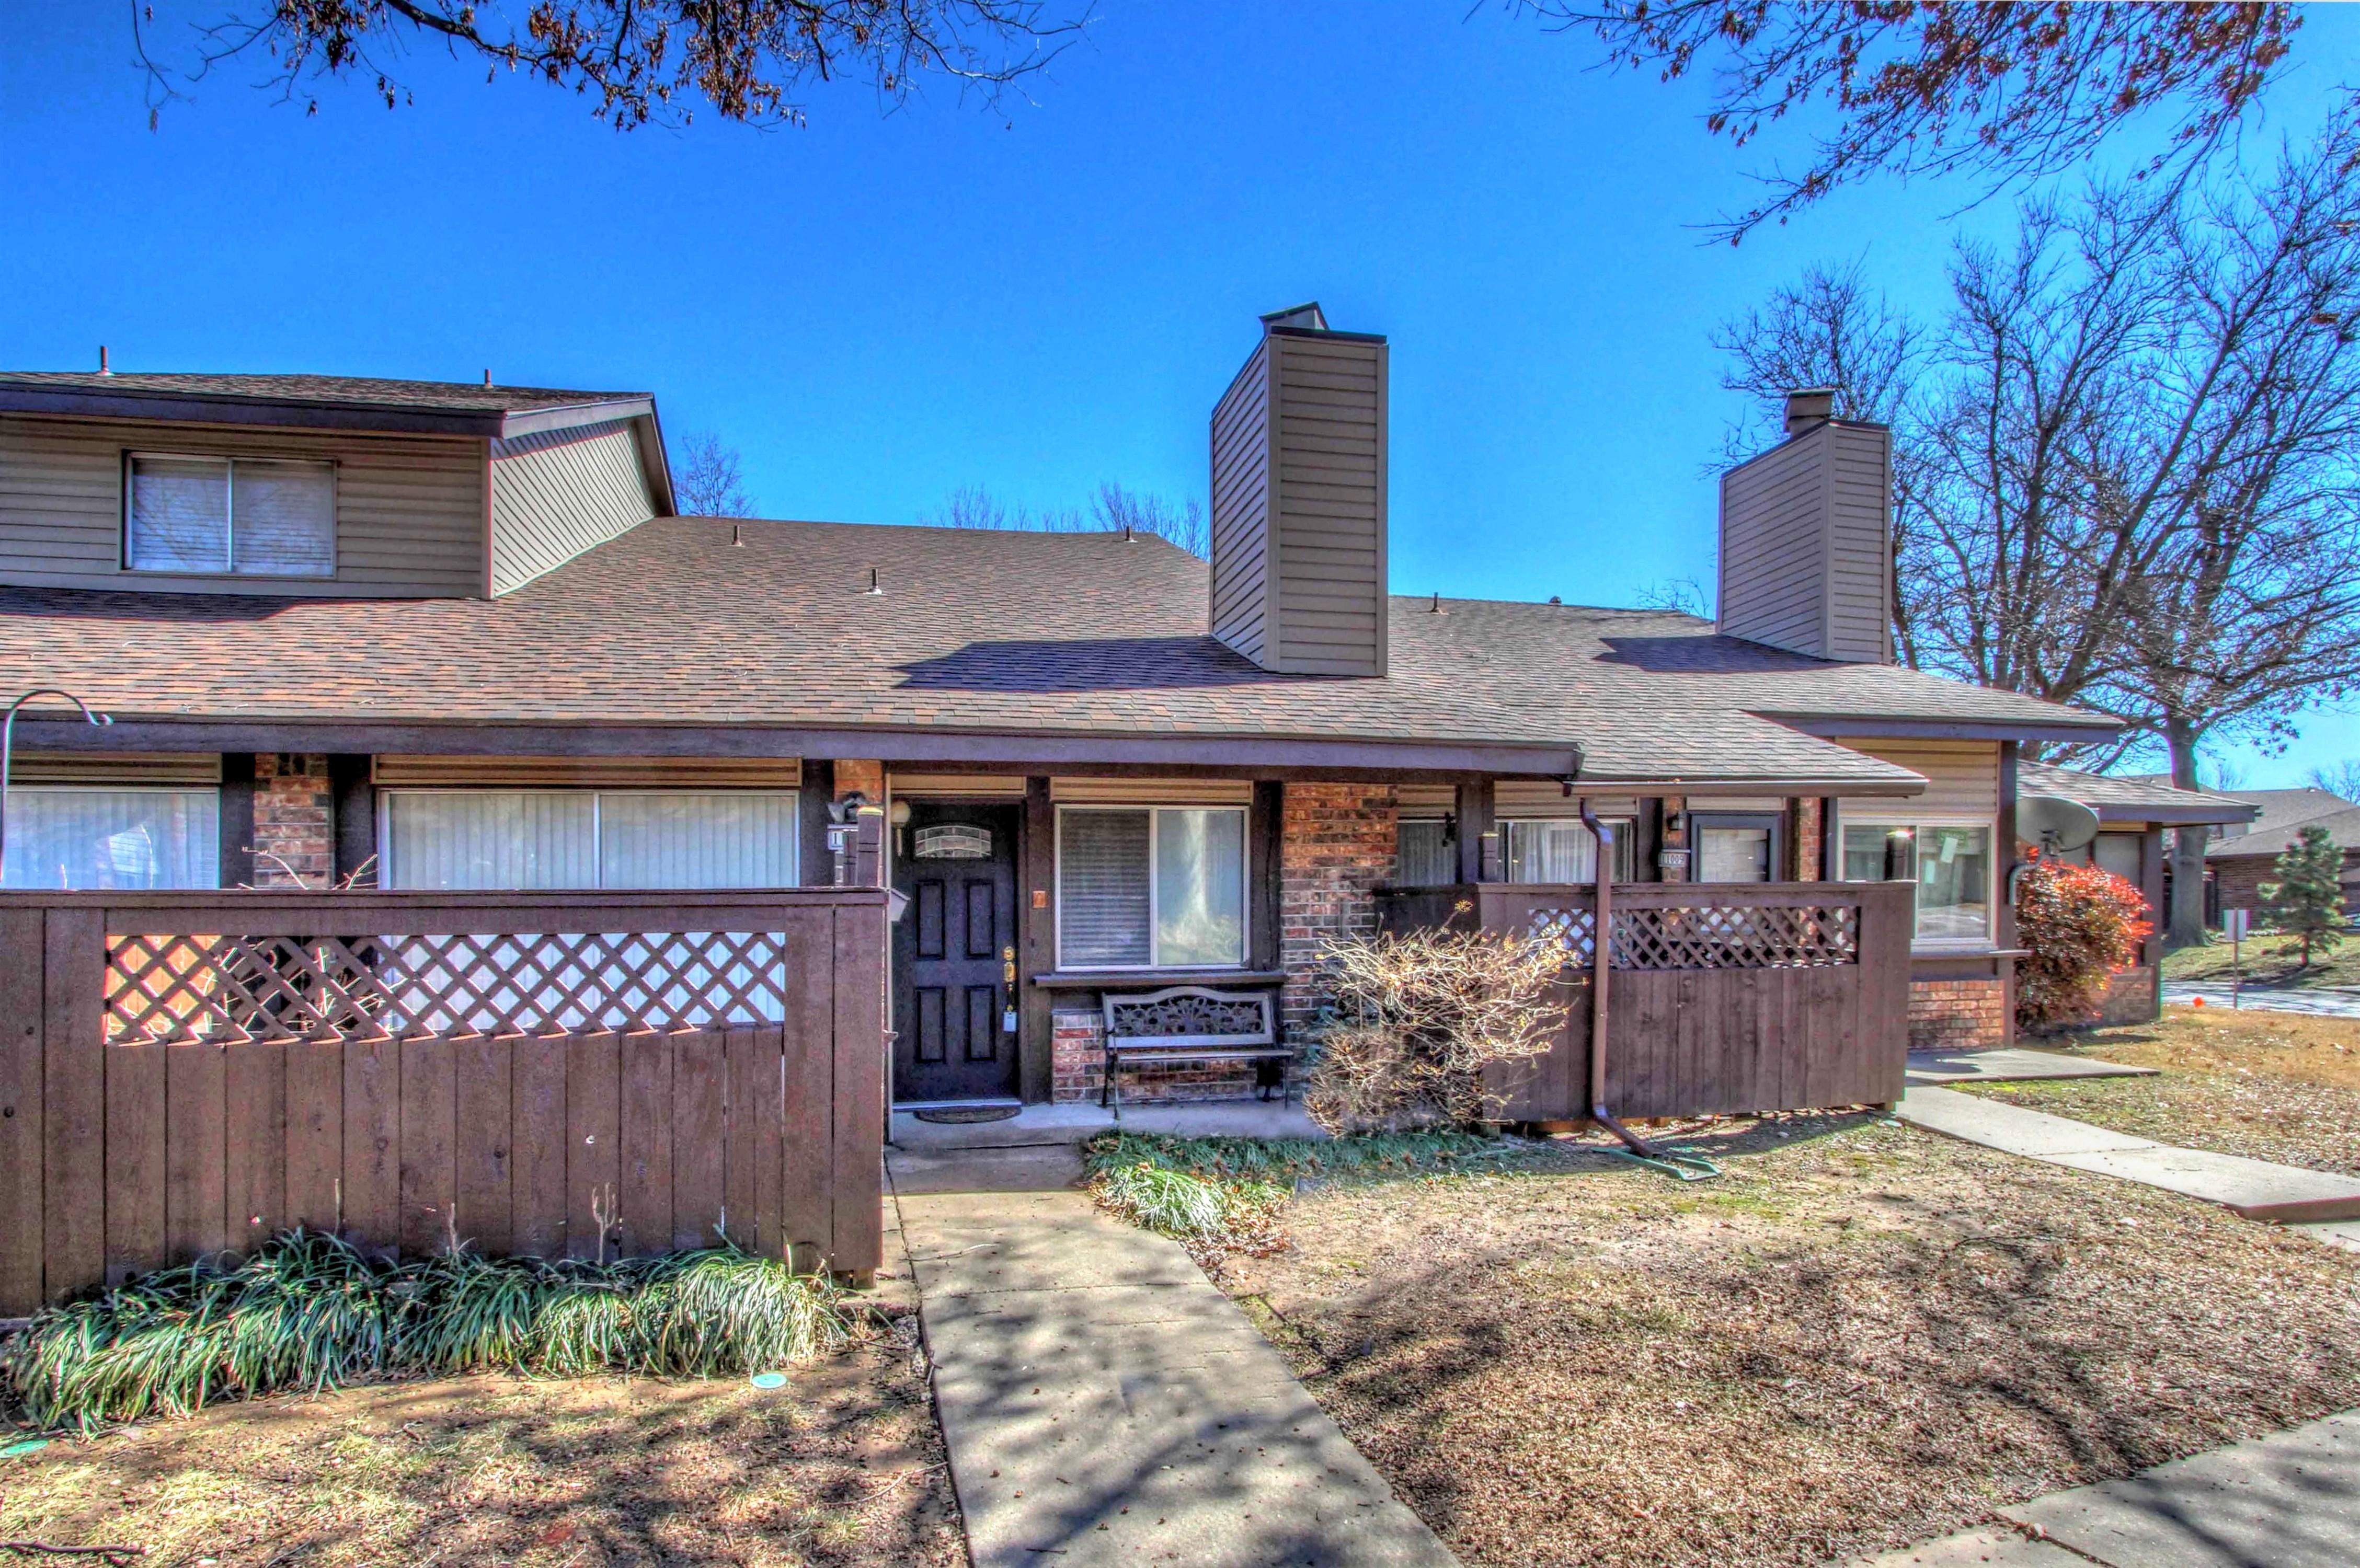 11011 E 11th Place #5-3b Property Photo